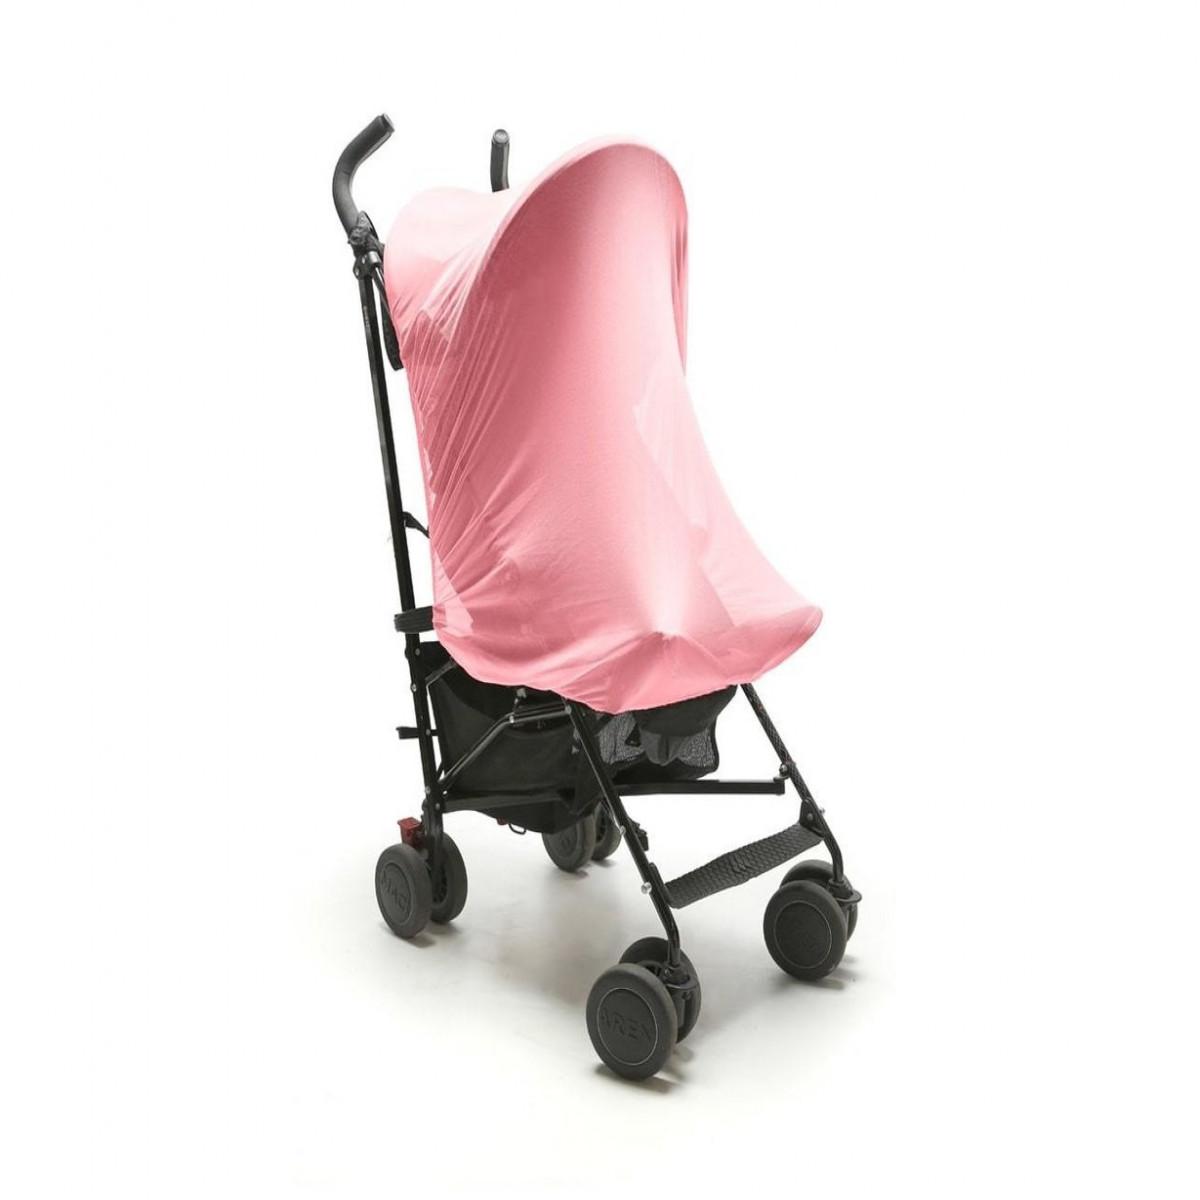 Tull elastizado Baby Innovation rosa